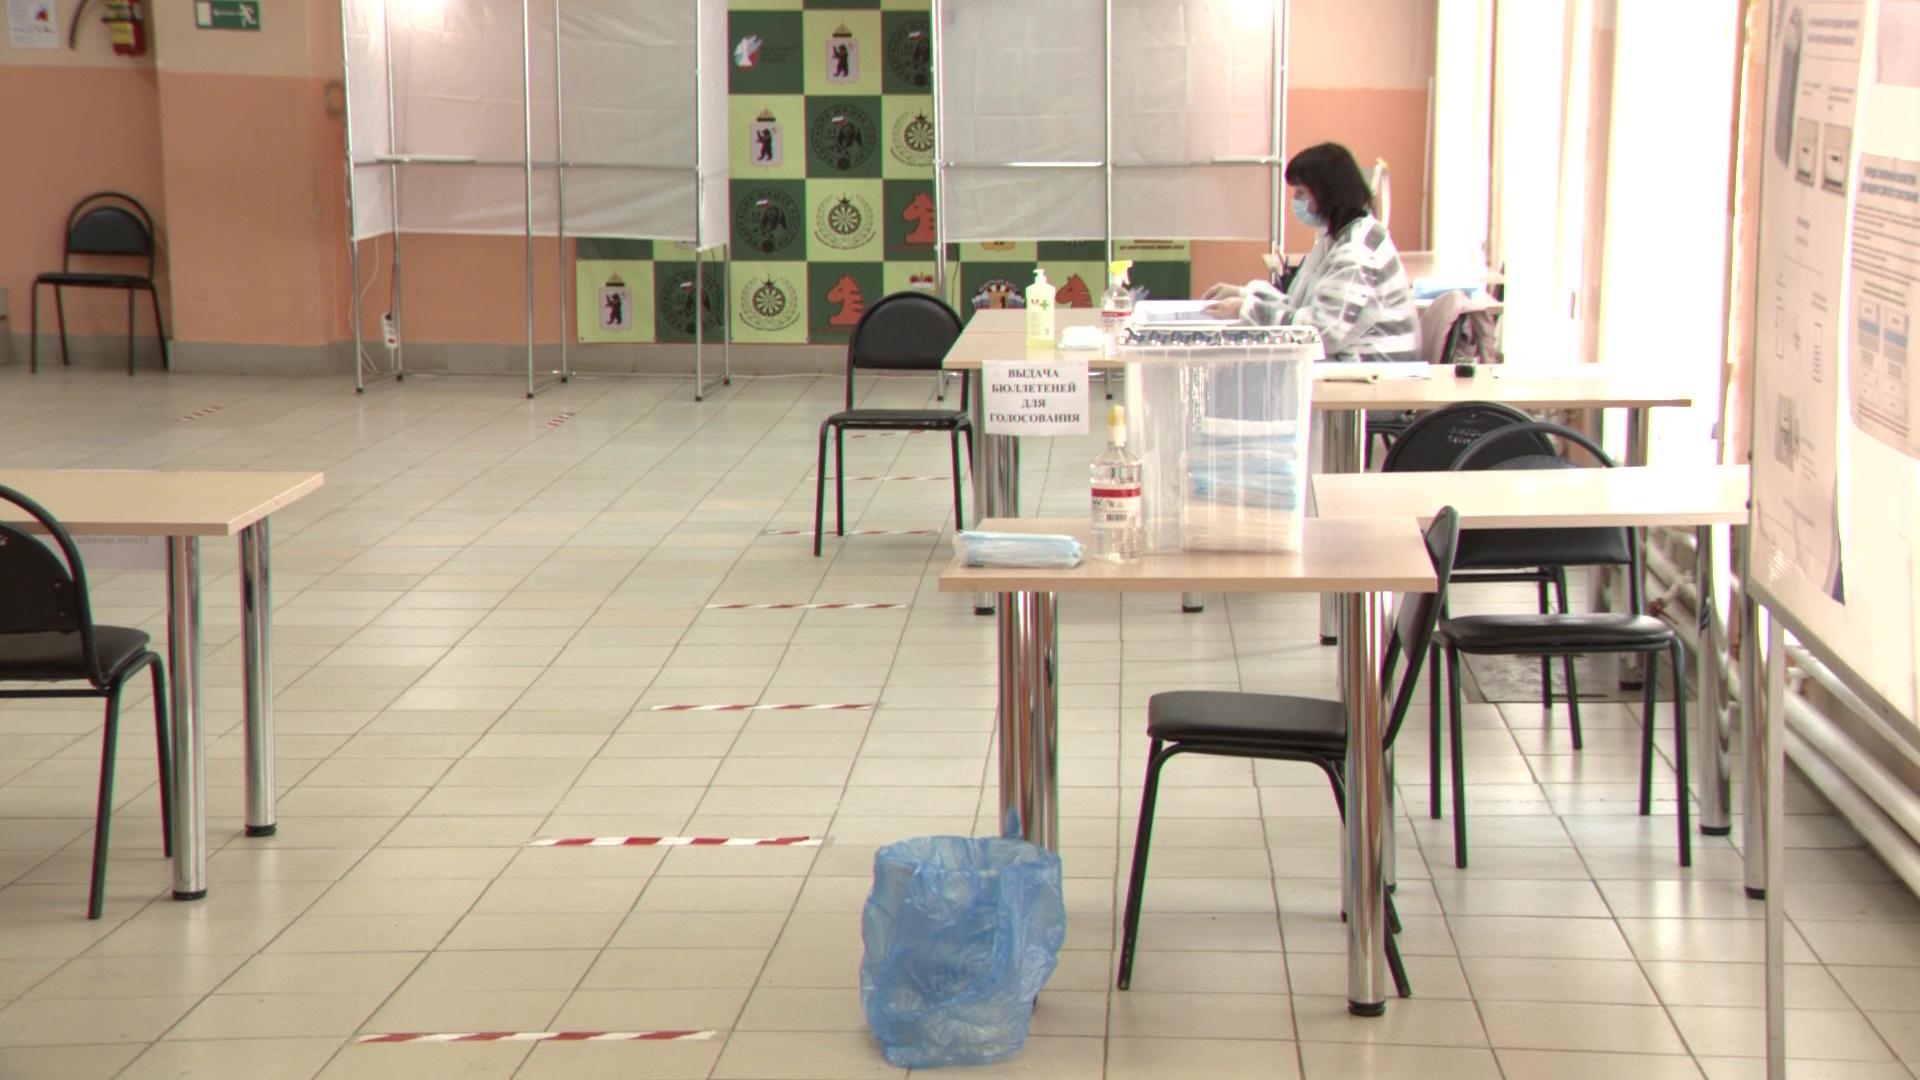 Ярославцы участвуют в викторине по Конституции и выбирают территории для благоустройства